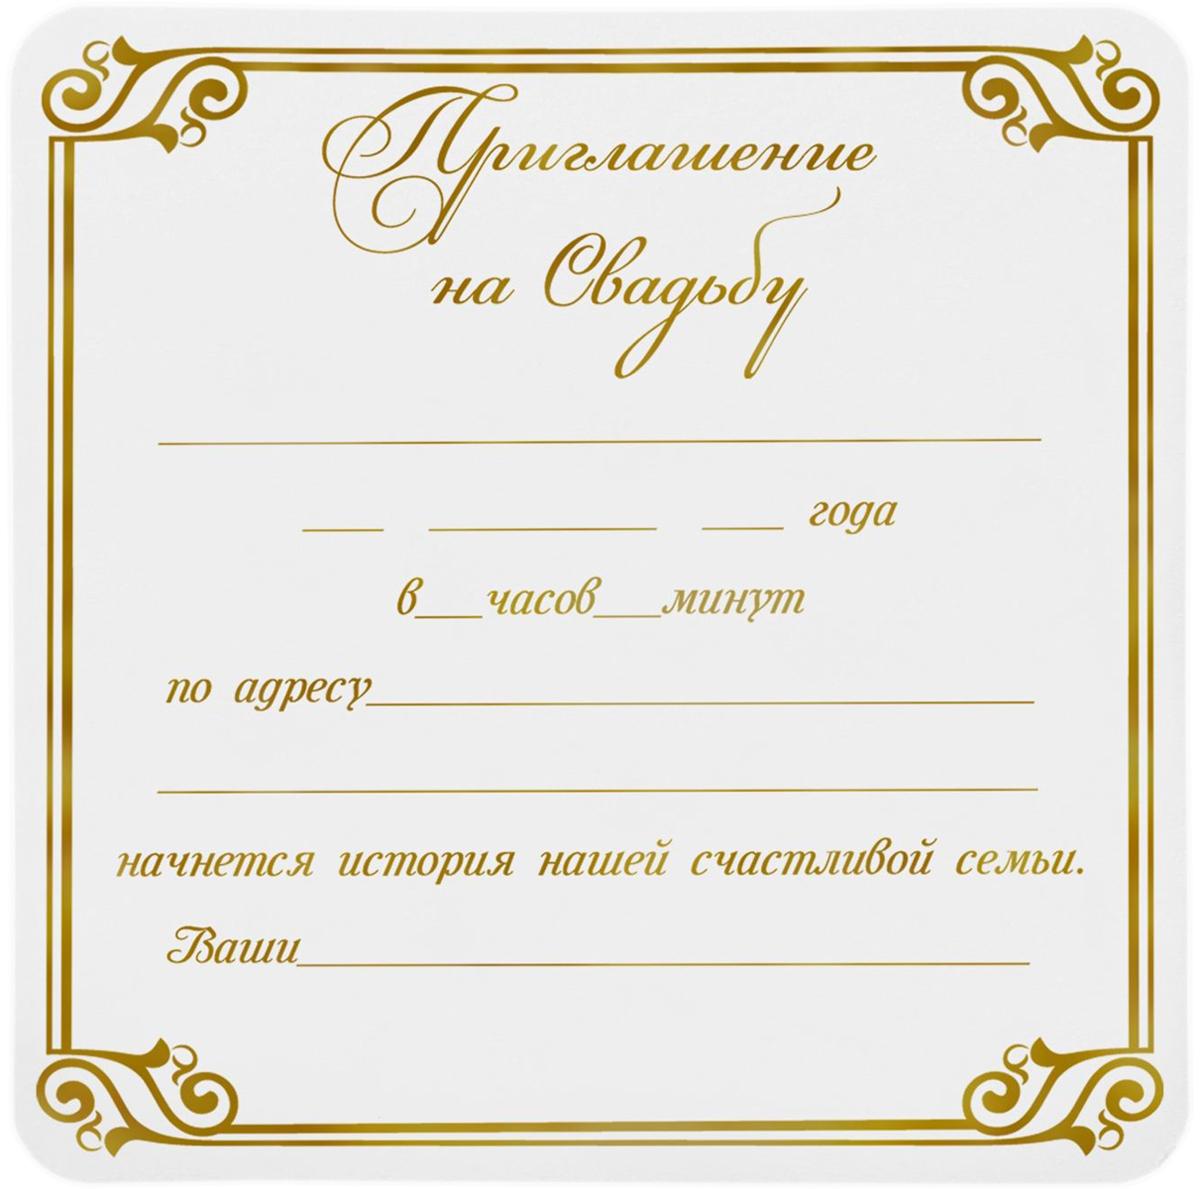 Открытки приглашения на свадьбу электронные, стихами ночь